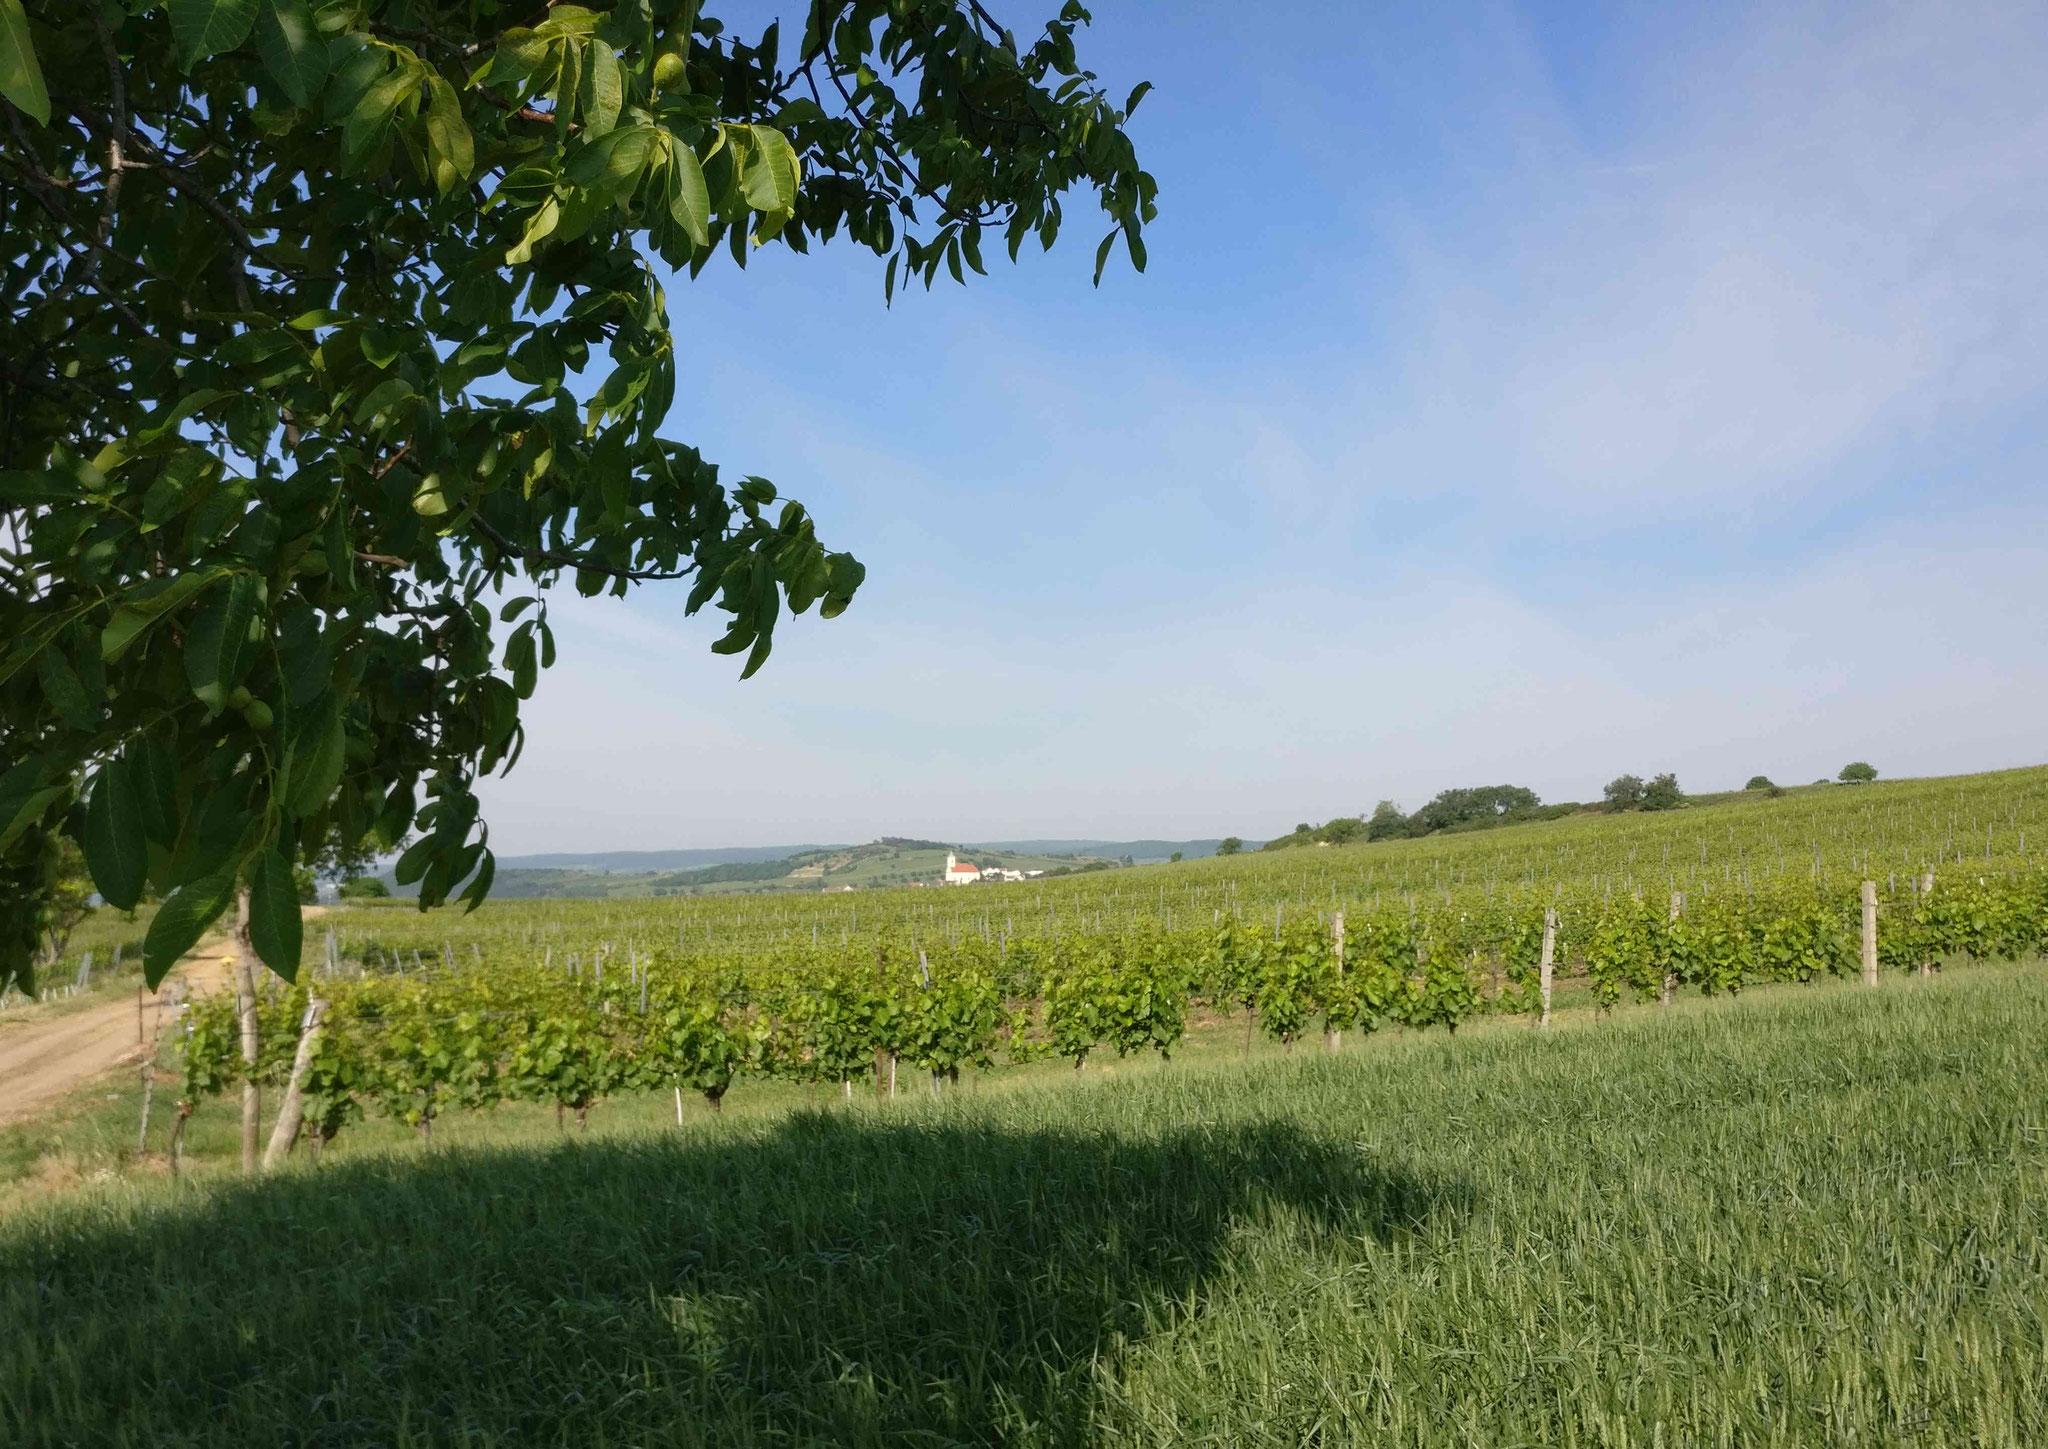 Weingärten an der Westseite des Neusiedlersees. Im Hintergrund ist das Leithargebirge zu sehen